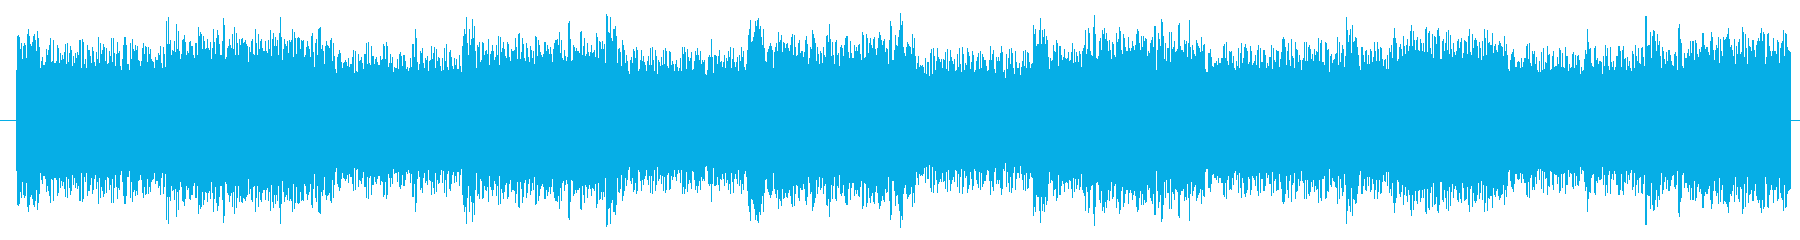 救急車 サイレンEU 01の再生済みの波形